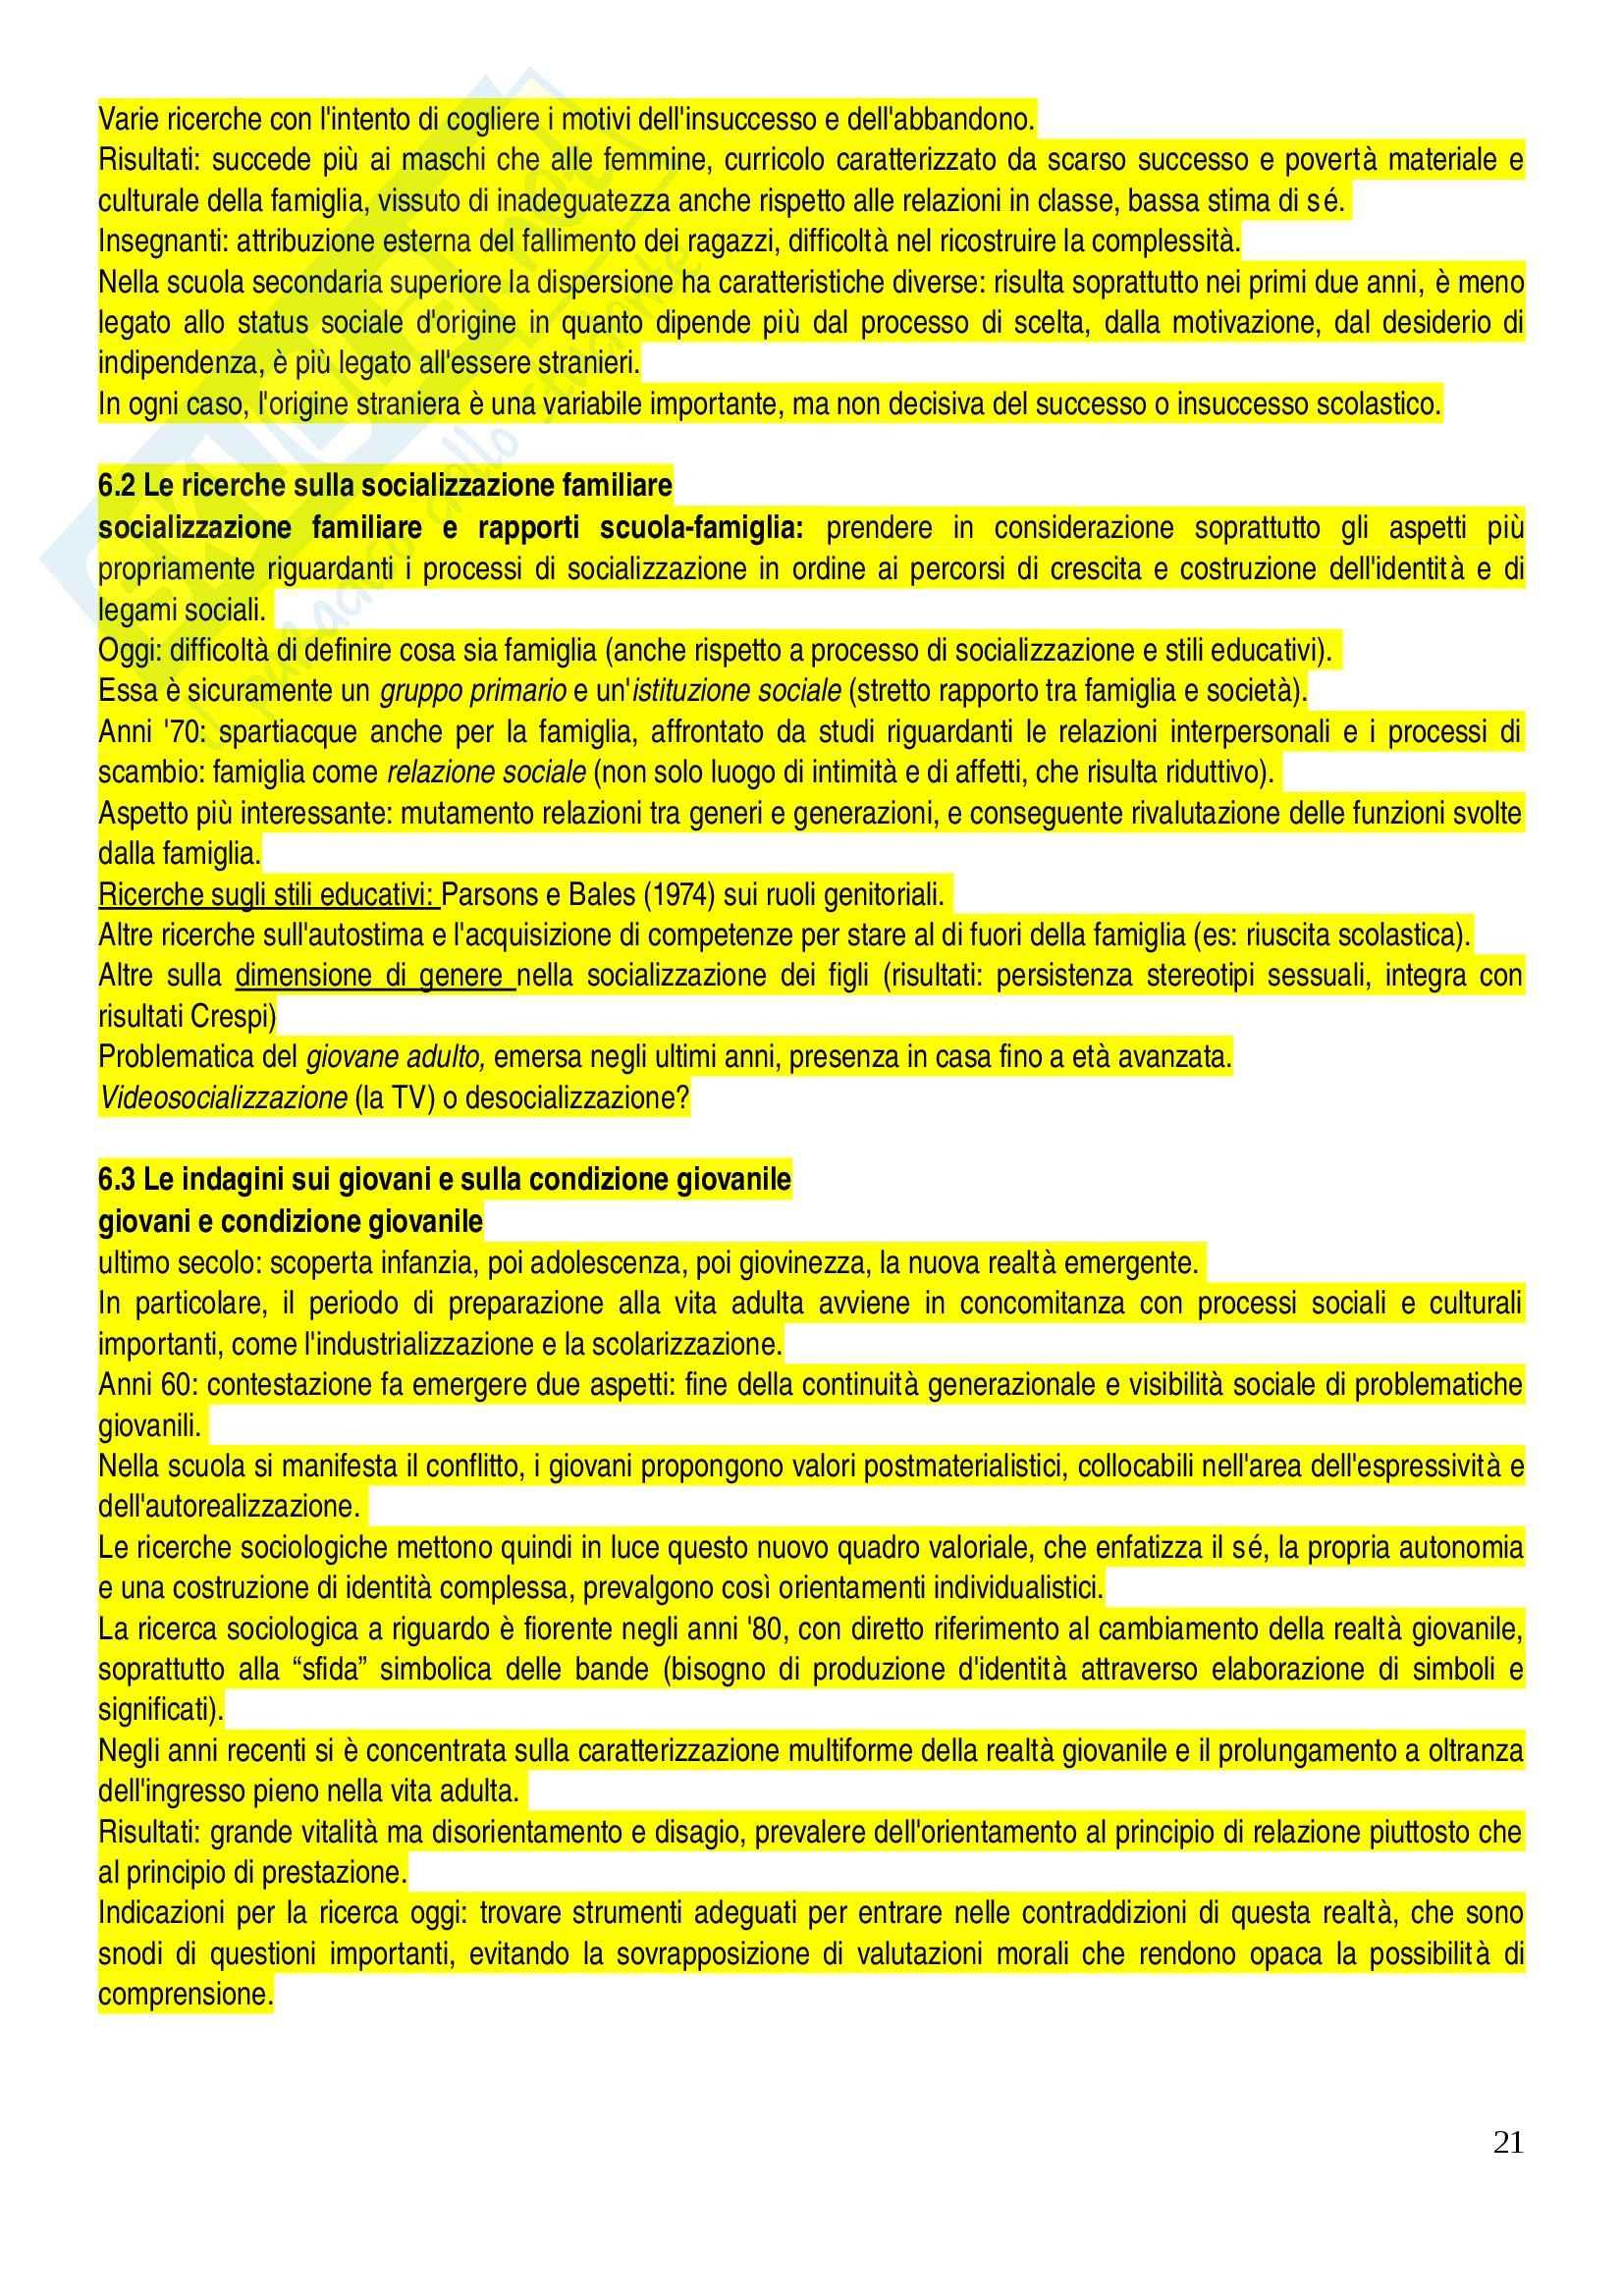 Riassunto esame sociologia dell'educazione, prof Colombo, libro consigliato Educazione e società, Besozzi Pag. 21